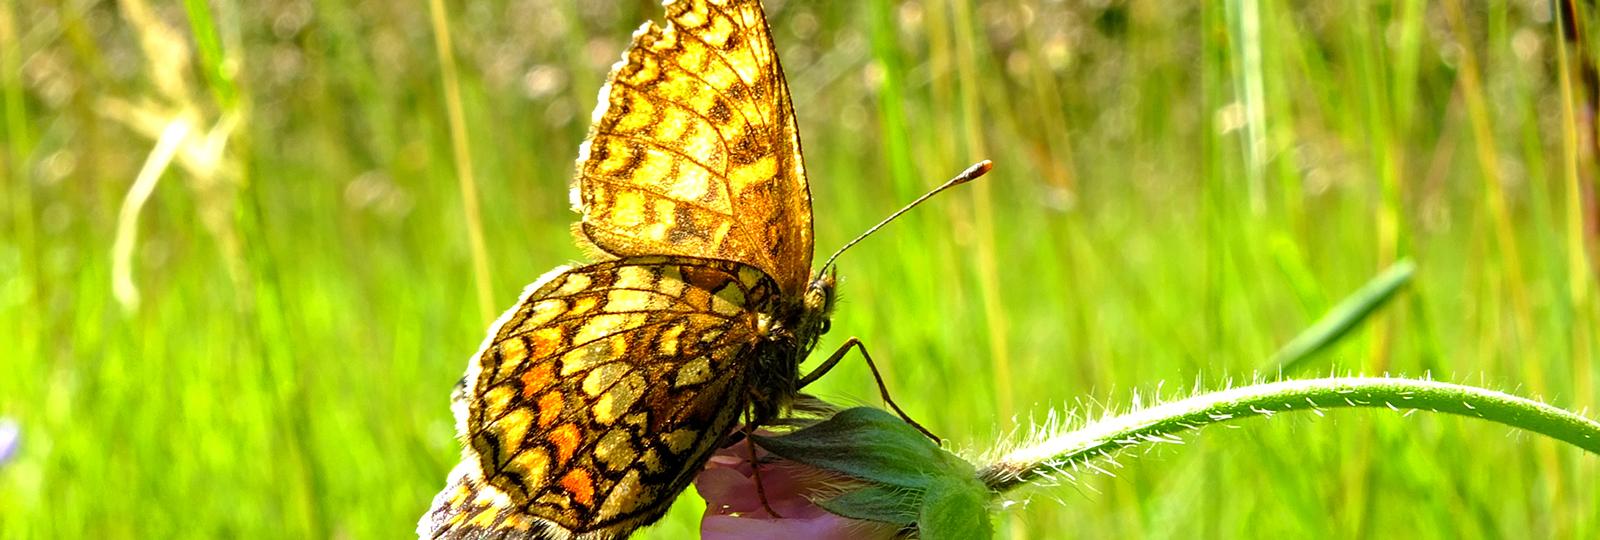 Schmetterling, Bildquelle